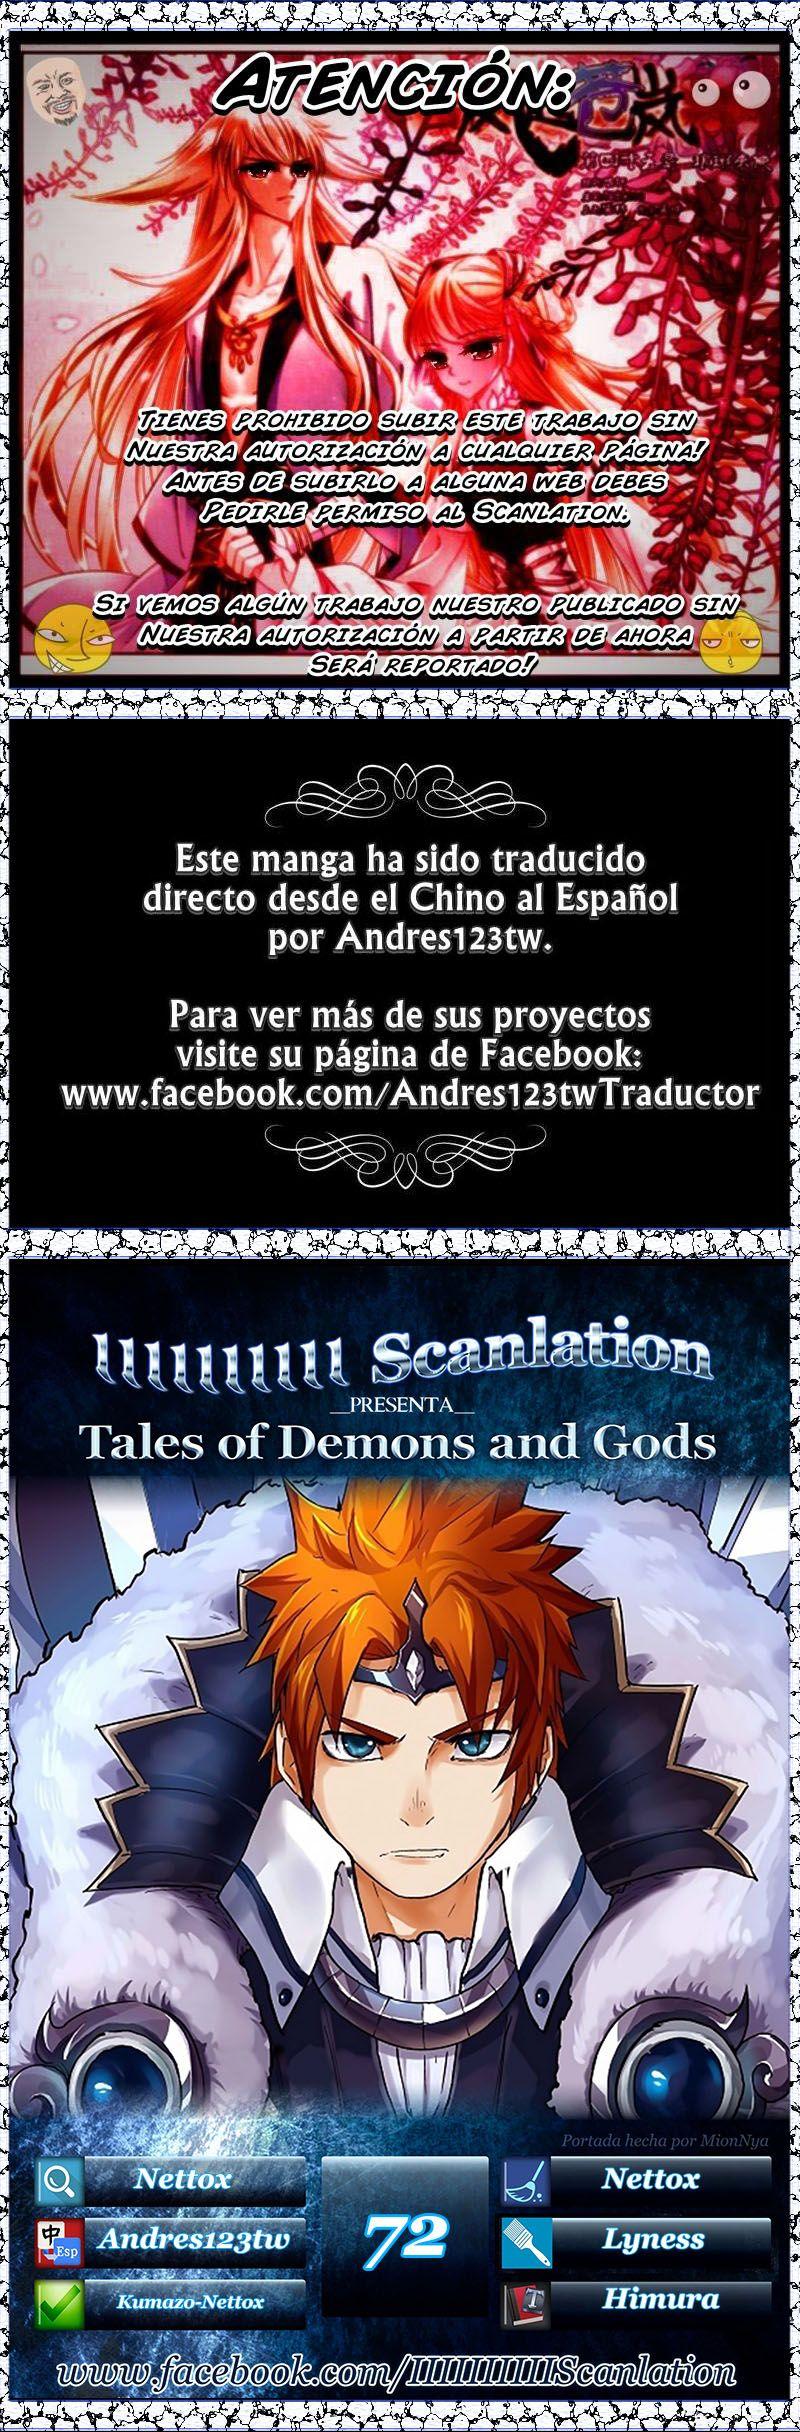 http://c5.ninemanga.com/es_manga/7/17735/457029/3710ad340b29c91d981f64fdc9263ae2.jpg Page 1